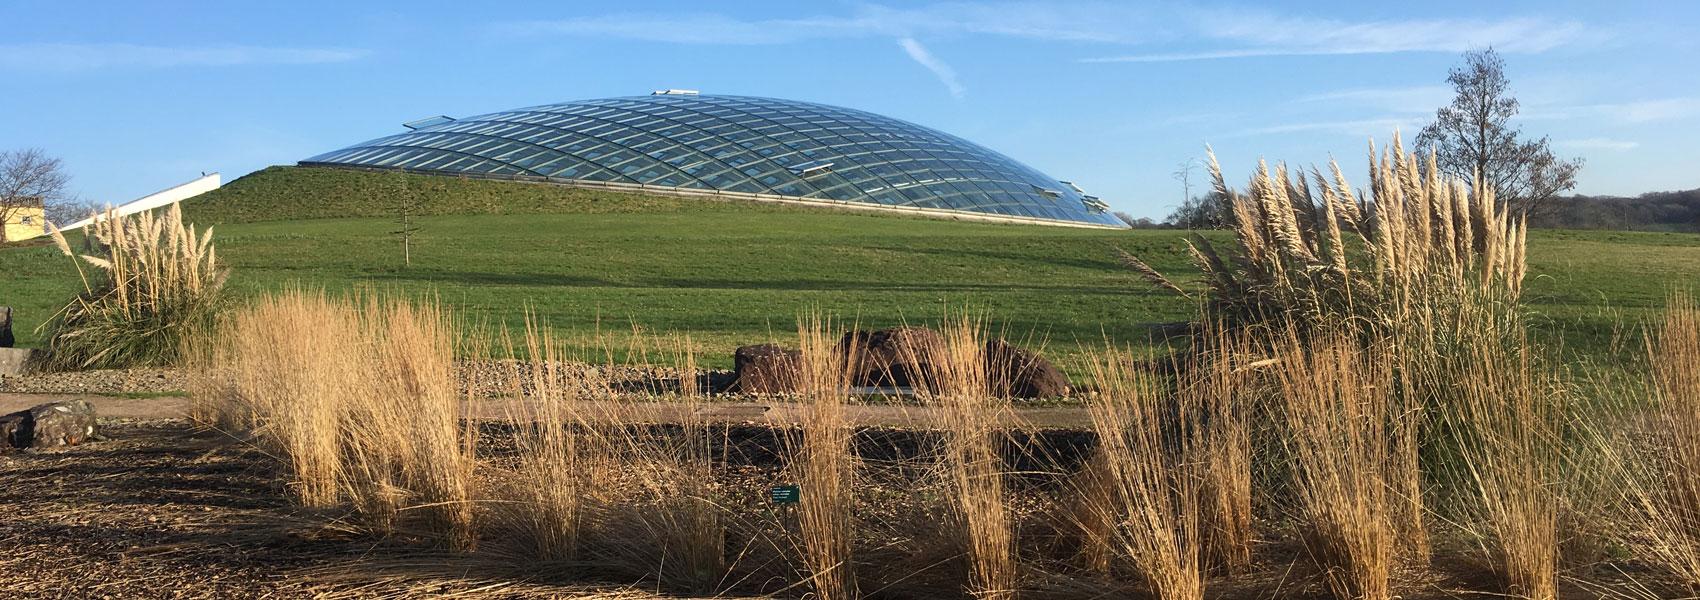 Botanic-gardens-glasshouse